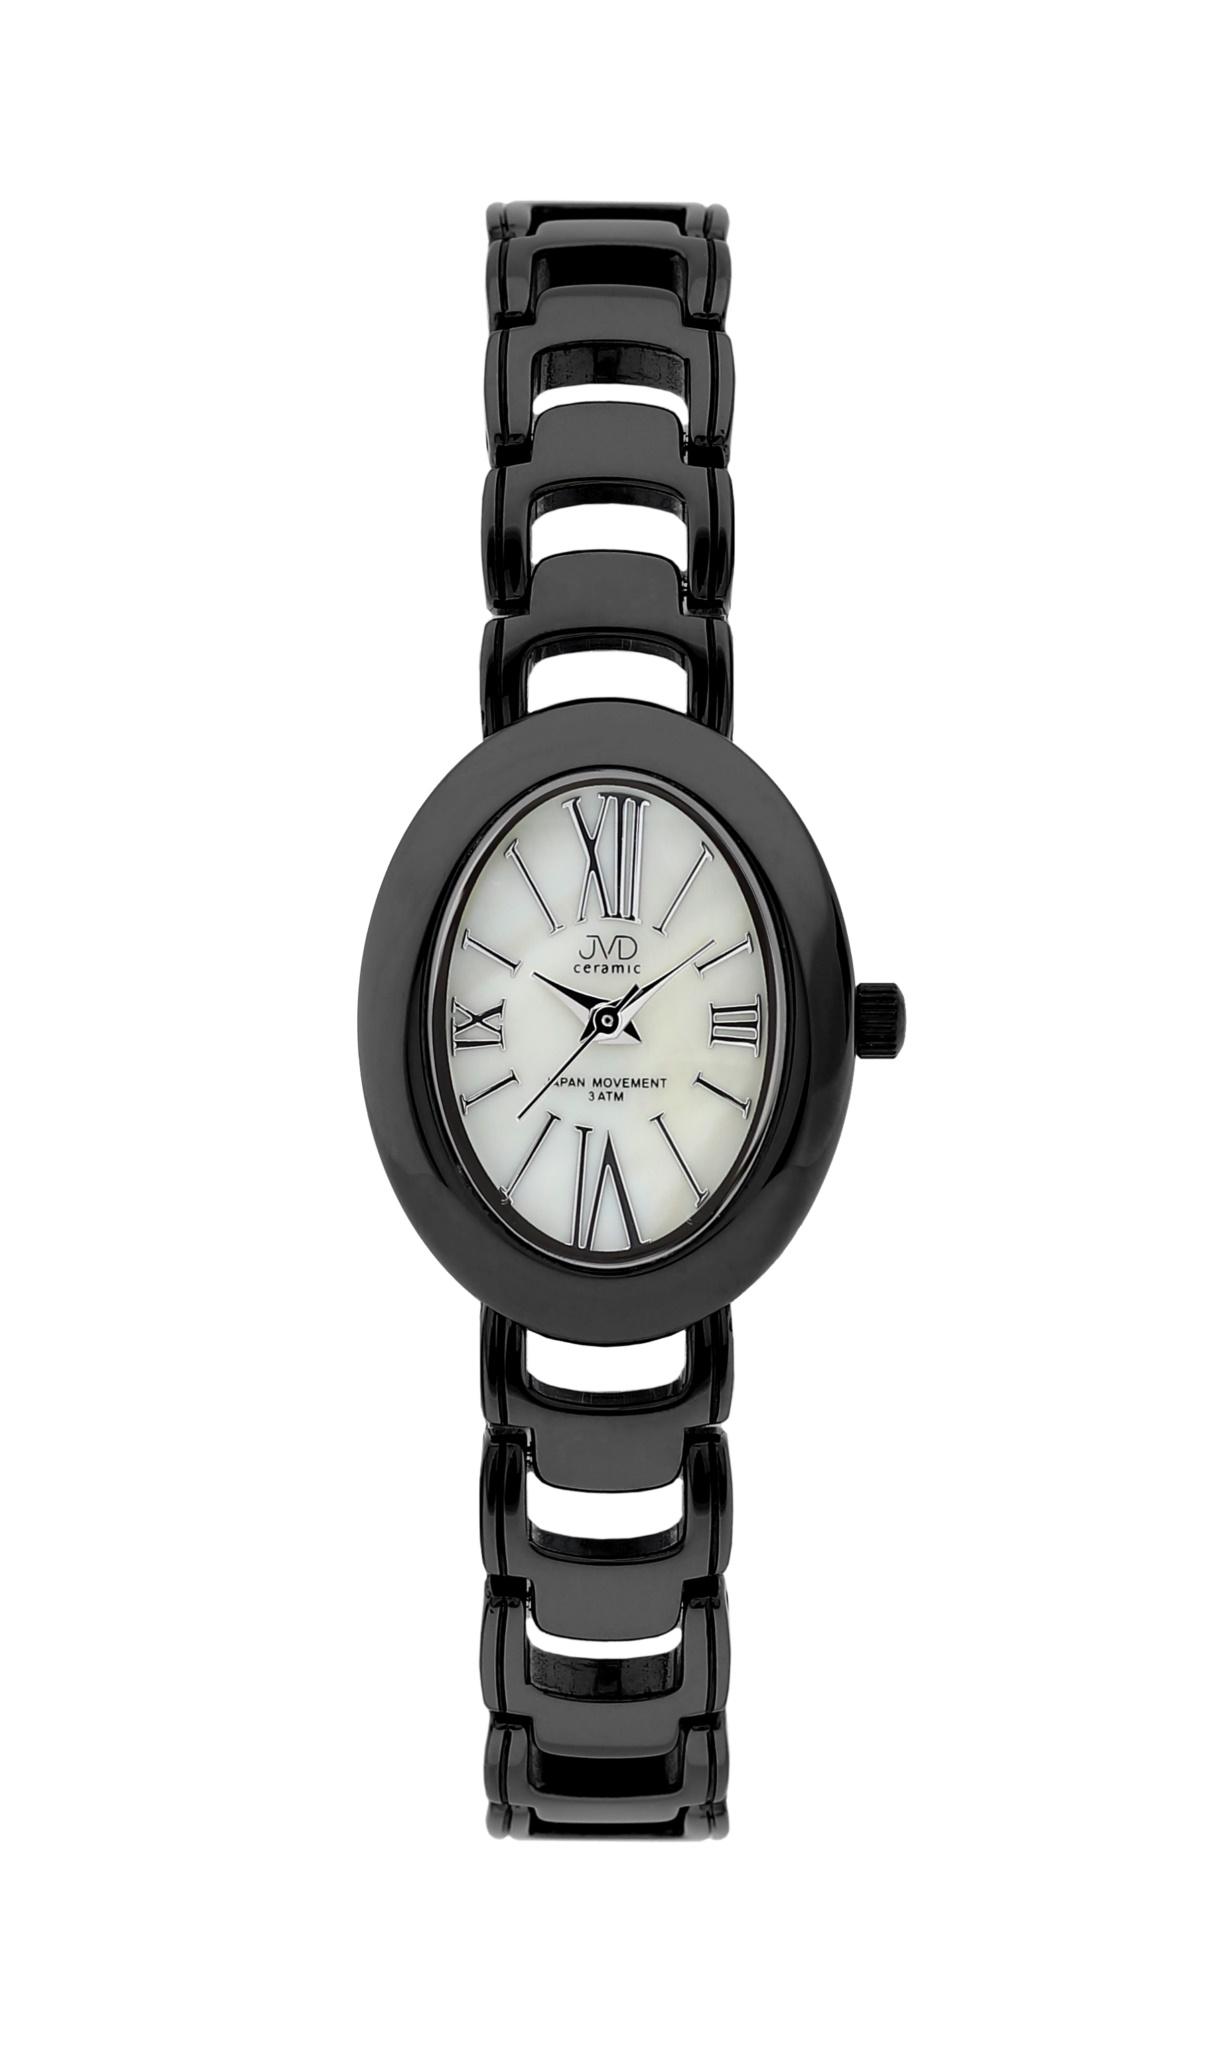 Luxusní keramické dámské náramkové hodinky JVD ceramic J6010.2 (POŠTOVNÉ ZDARMA!!)